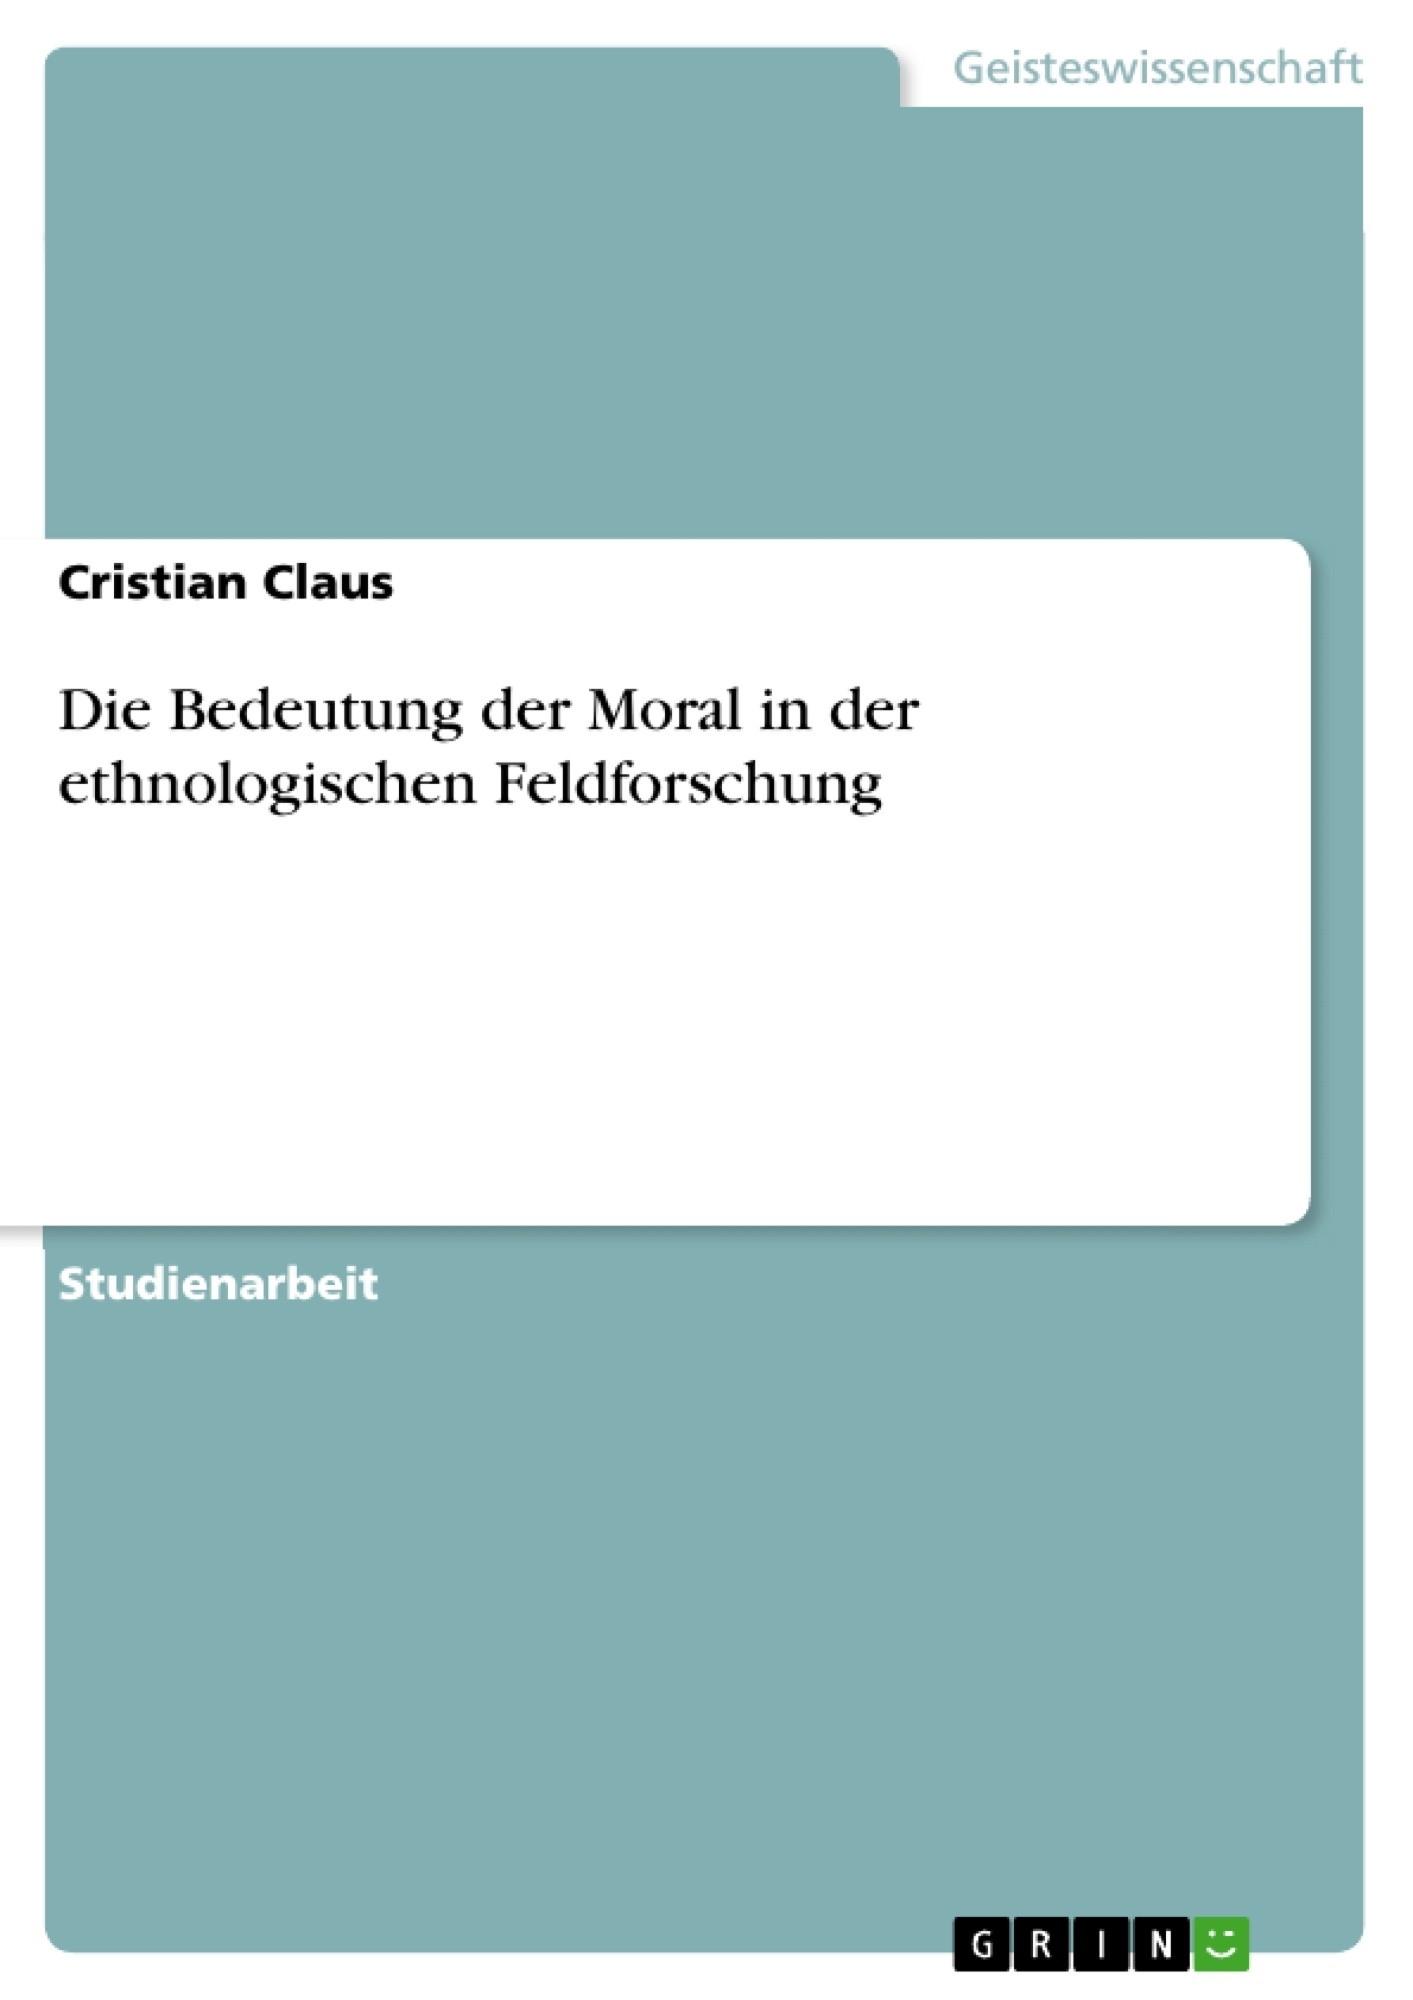 Titel: Die Bedeutung der Moral in der ethnologischen Feldforschung